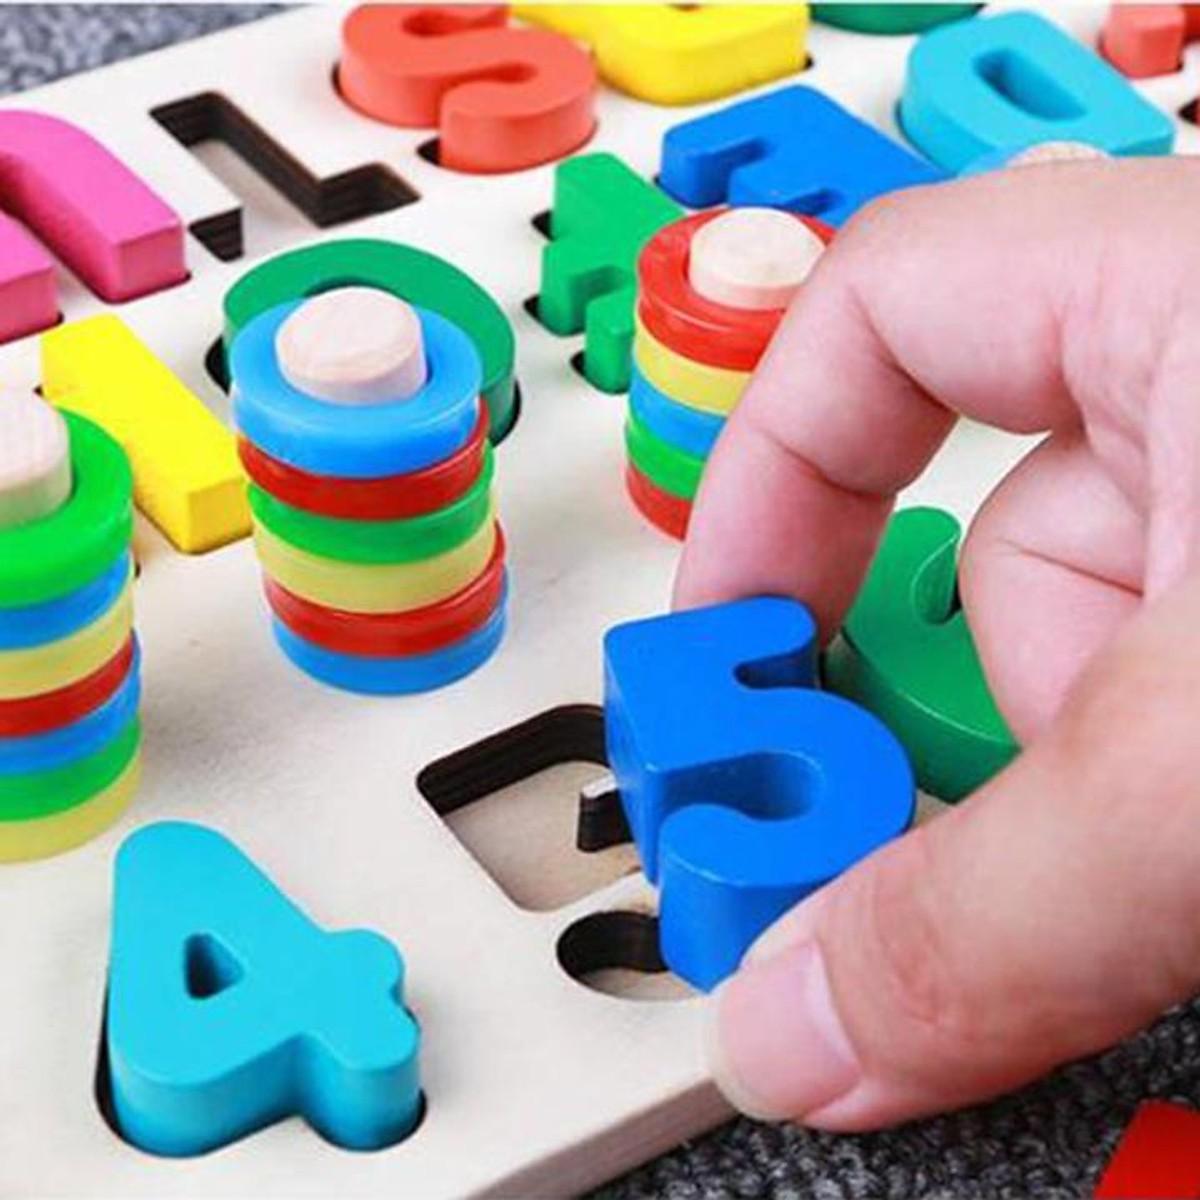 Đồ chơi gỗ cho bé học đếm số, cột tính bậc thang và bảng chữ cái, đồ chơi  giáo dục theo phương pháp... - 15723246 , 2573634851648 , 62_28884545 , 260000 , Do-choi-go-cho-be-hoc-dem-so-cot-tinh-bac-thang-va-bang-chu-cai-do-choi-giao-duc-theo-phuong-phap...-62_28884545 , tiki.vn , Đồ chơi gỗ cho bé học đếm số, cột tính bậc thang và bảng chữ cái, đồ chơi